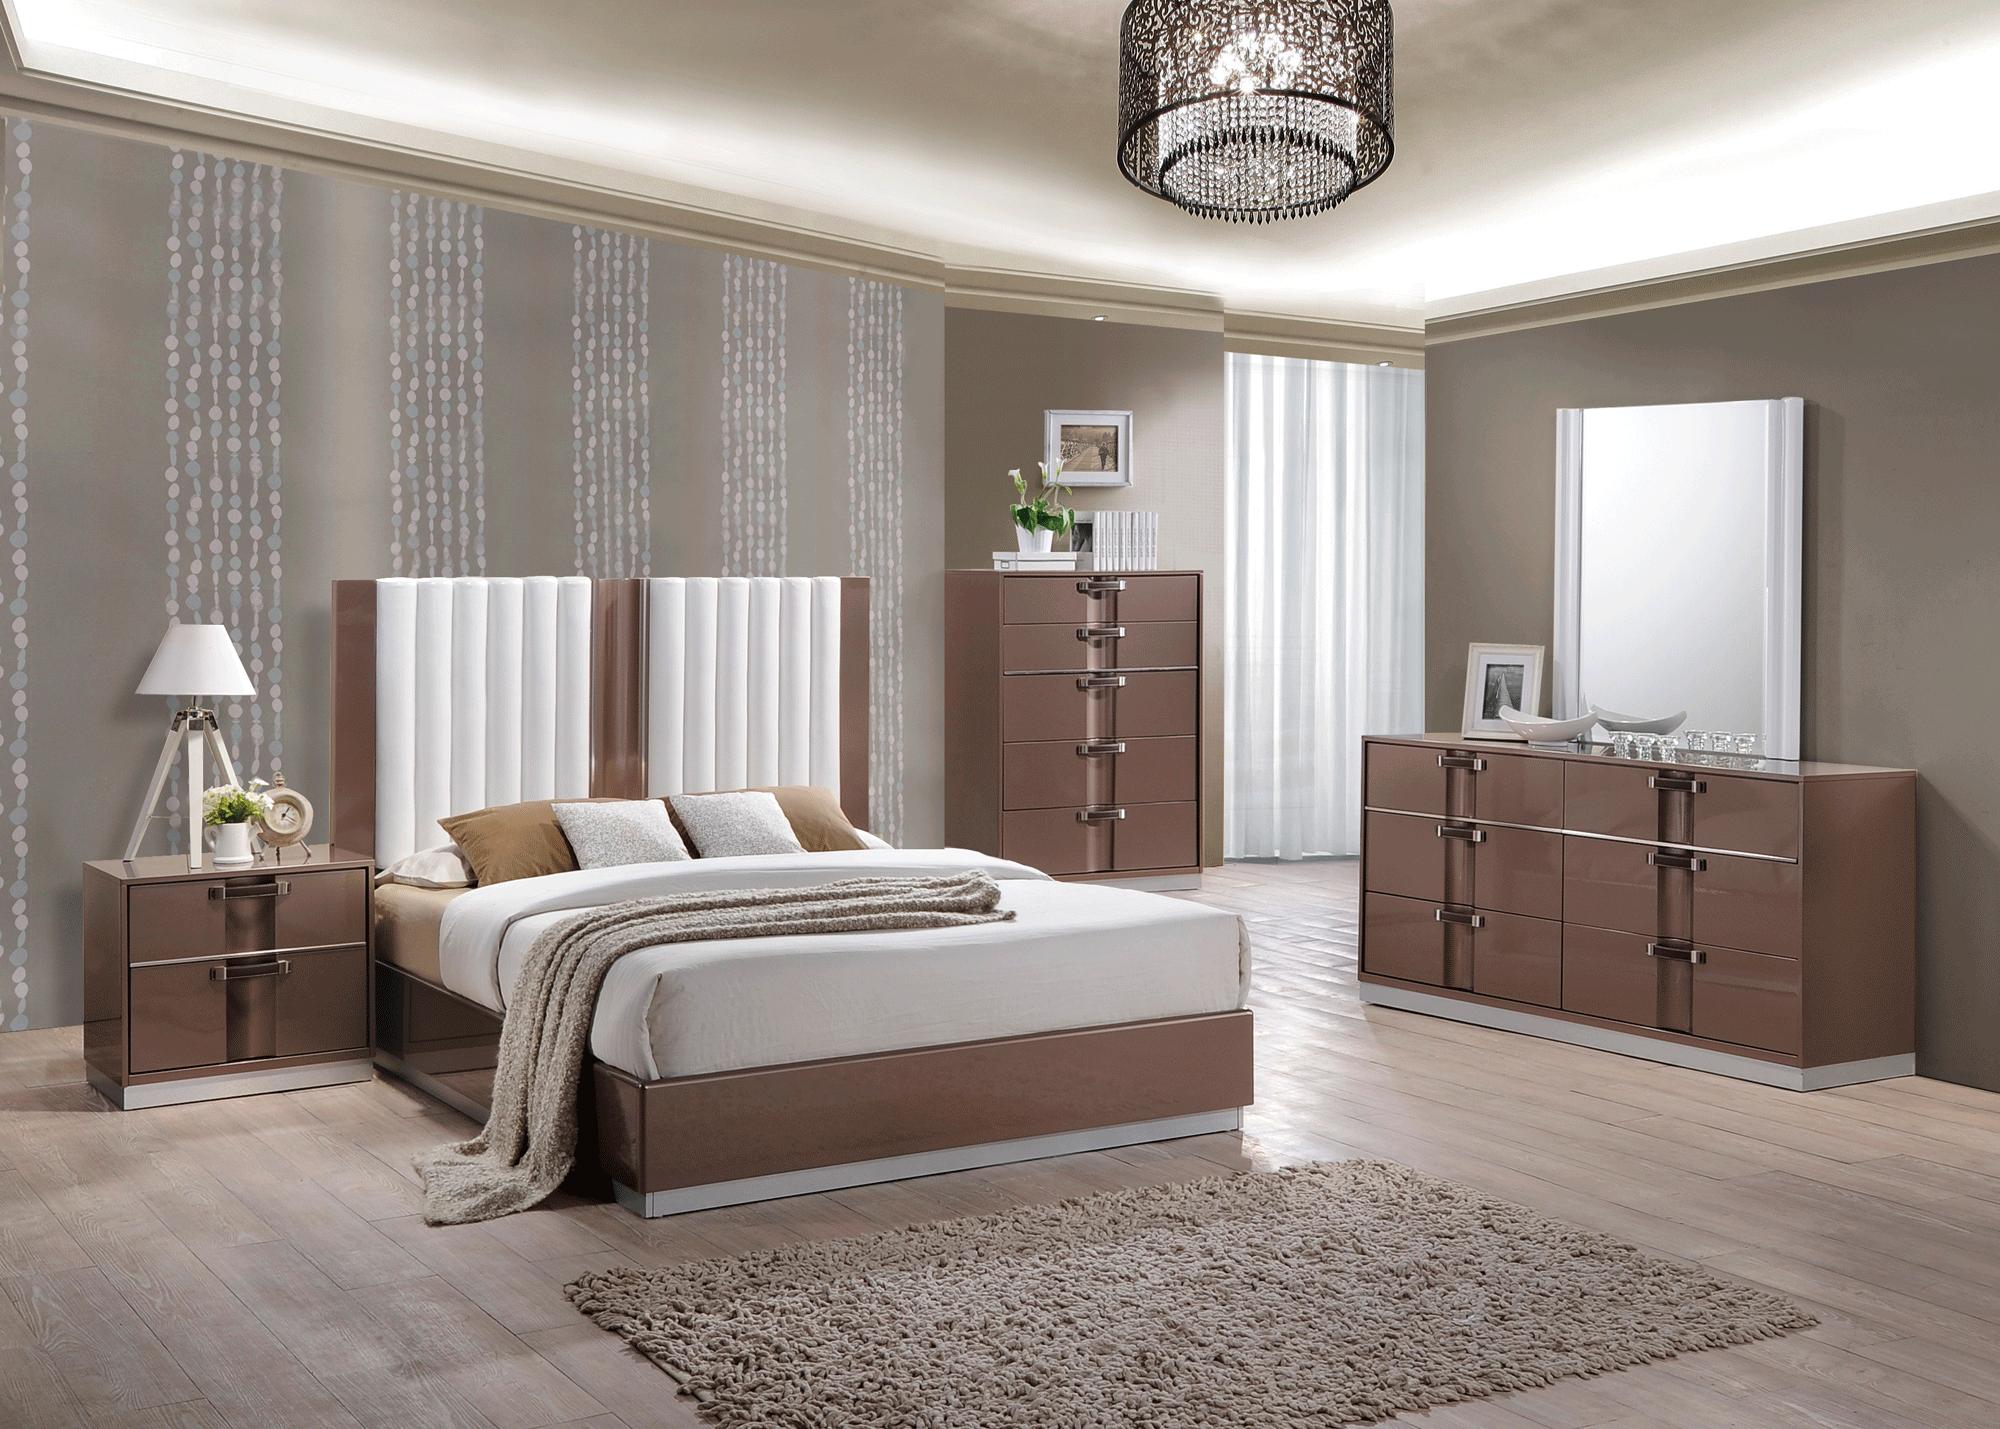 Global Bedroom Furniture Brooklyn Brown Light Glossy Bedroom Set By Global Furniture